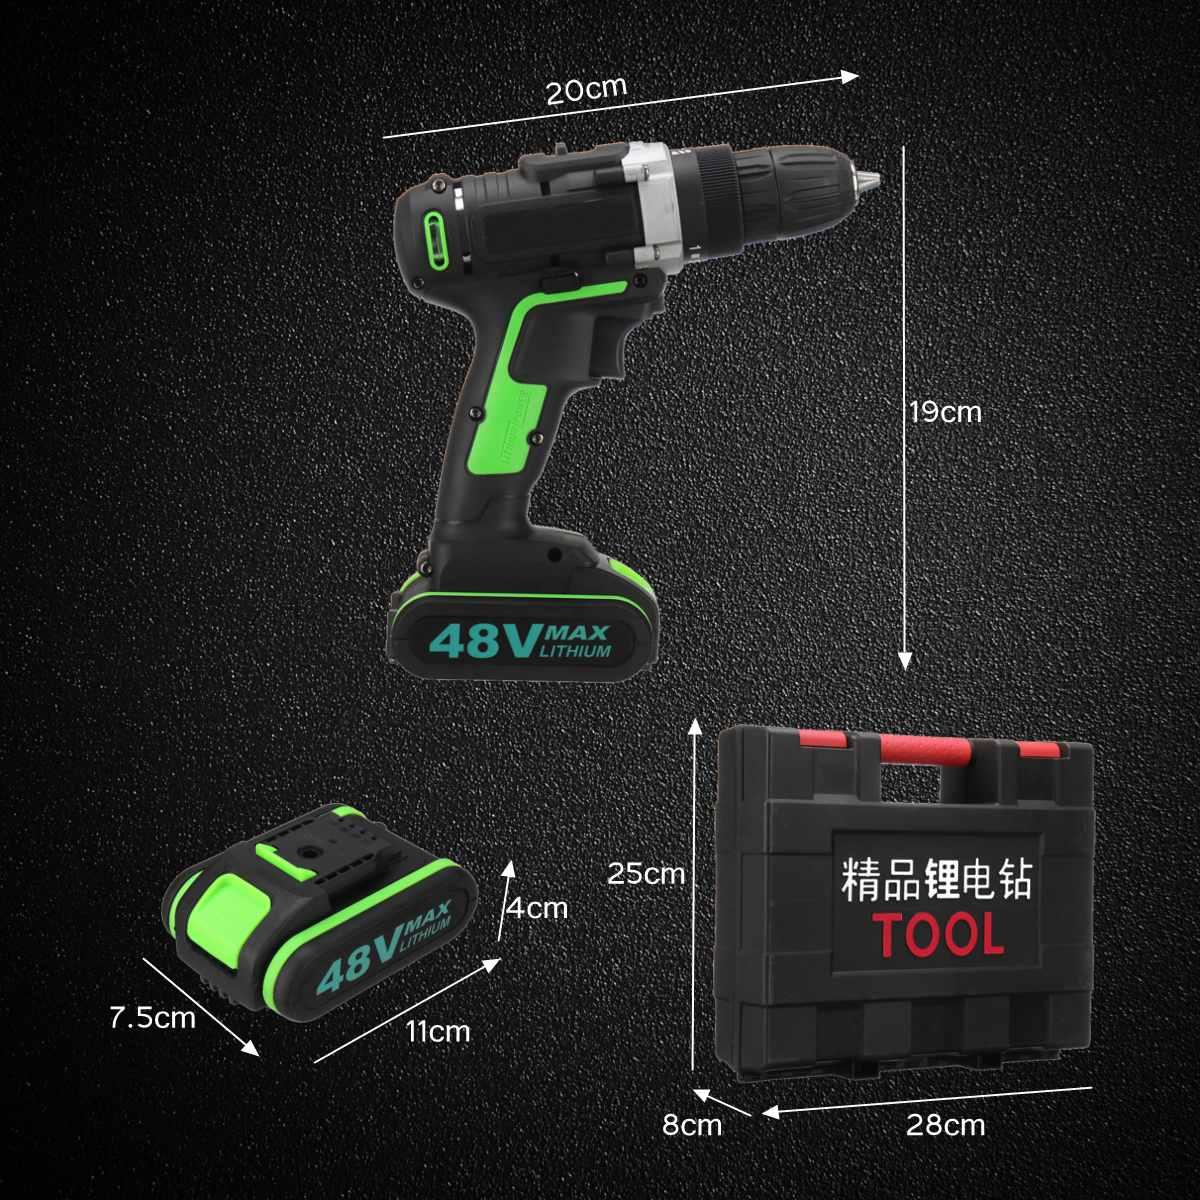 48 В аккумуляторная электрическая дрель молоток гаечный ключ двойная регулировка скорости светодиодный фонарь Плотницкие Инструменты Отвертка электроинструменты